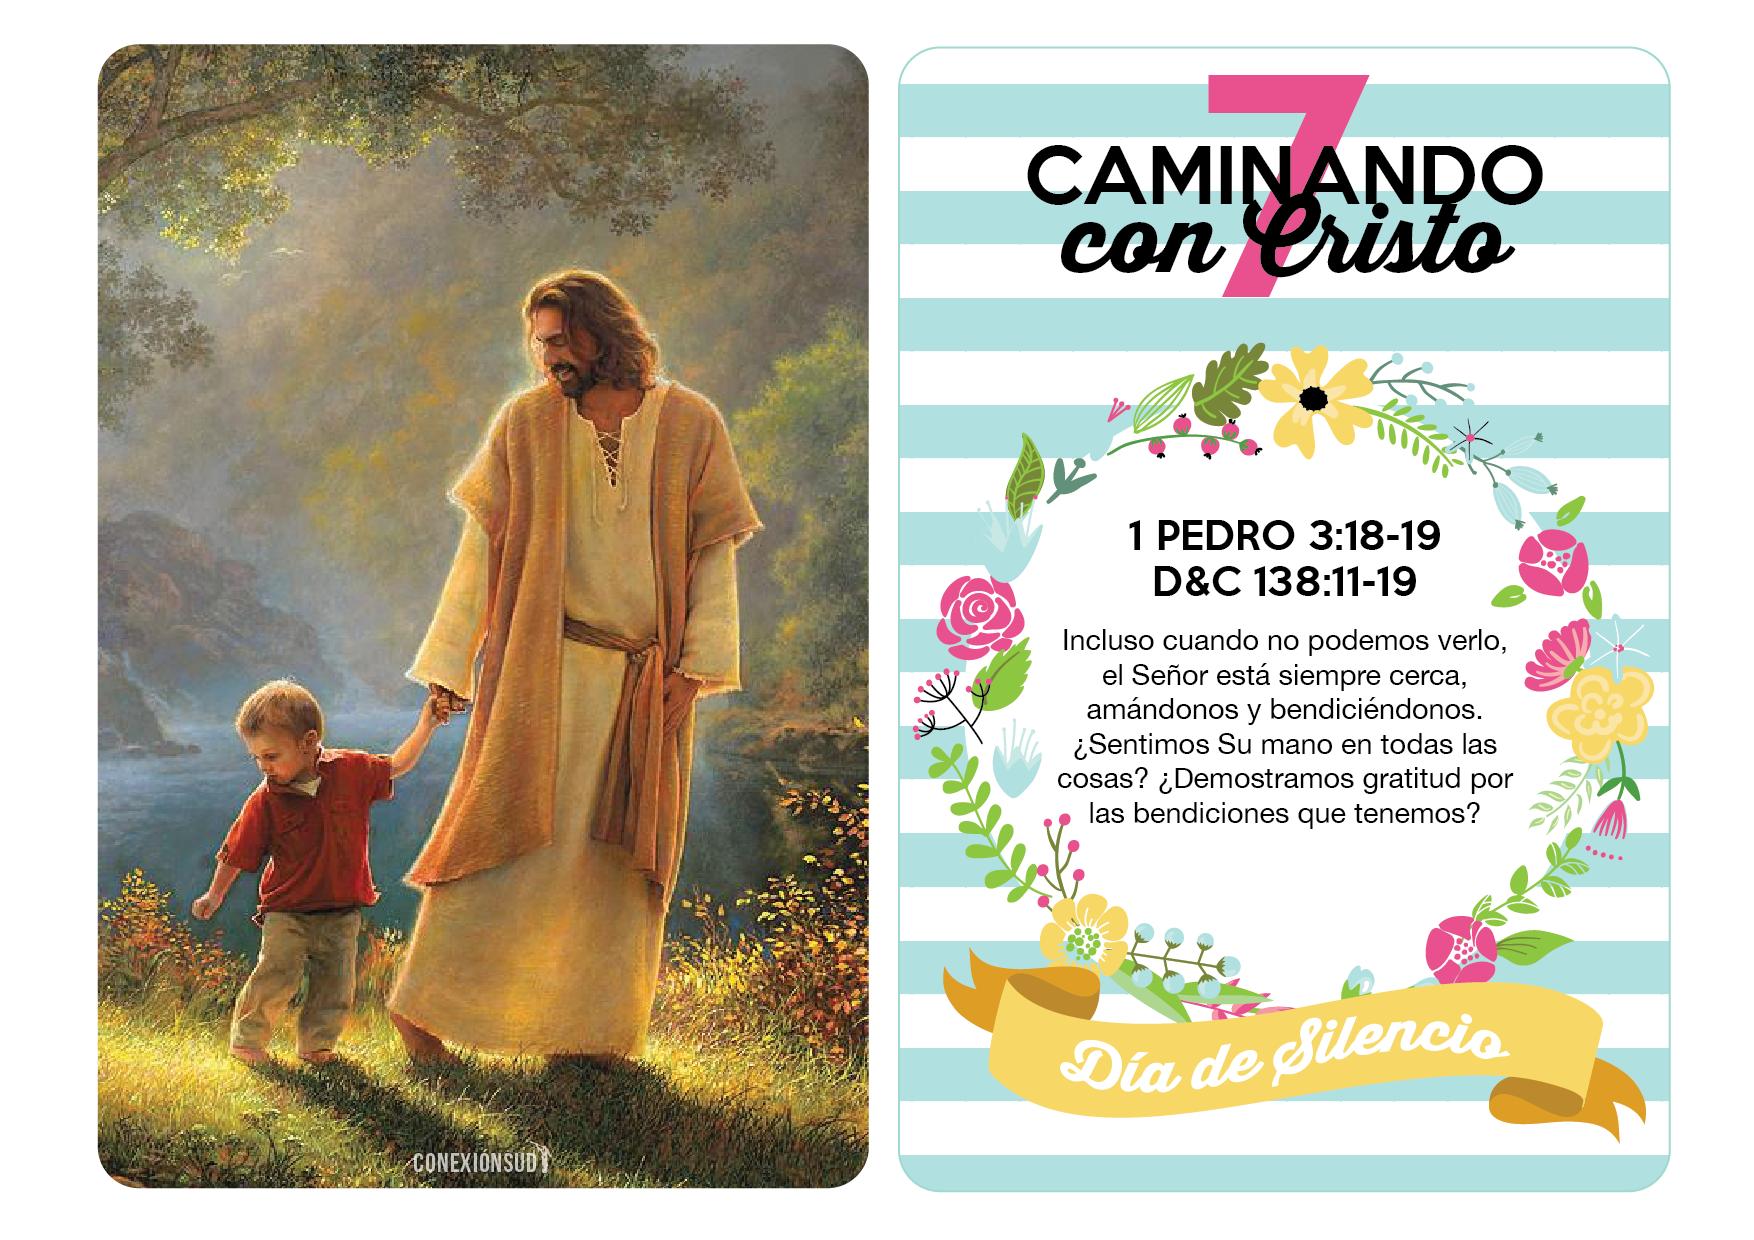 Caminando con Cristo - Lección de Pascua de Resurrección - Conexión SUD-08